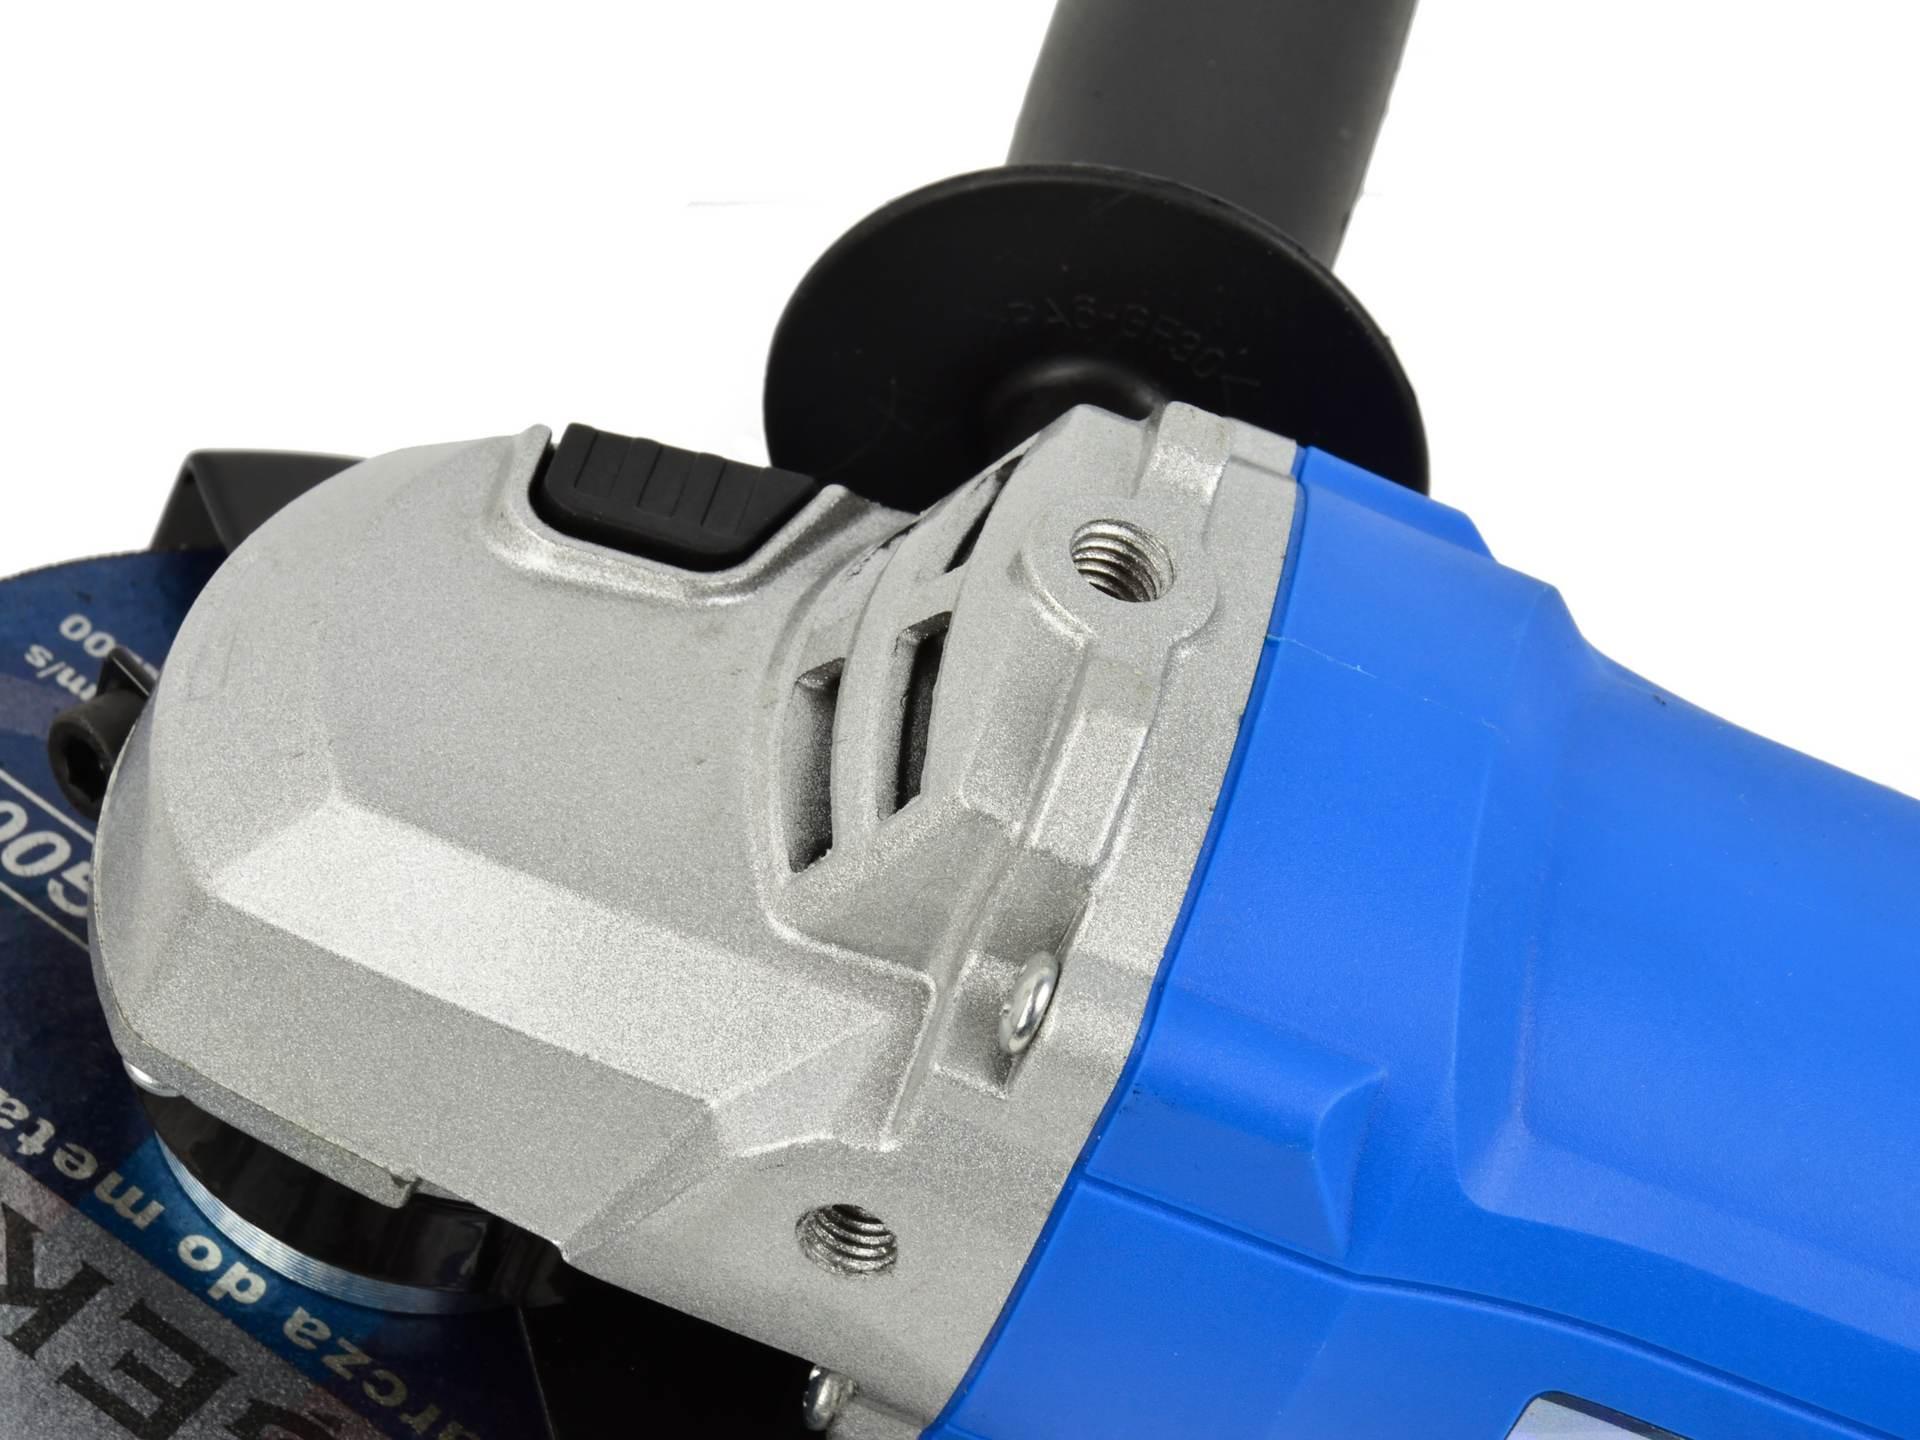 Szlifierka kątowa 125 mm z regulacją obrotów, długa rączka GEKO 3